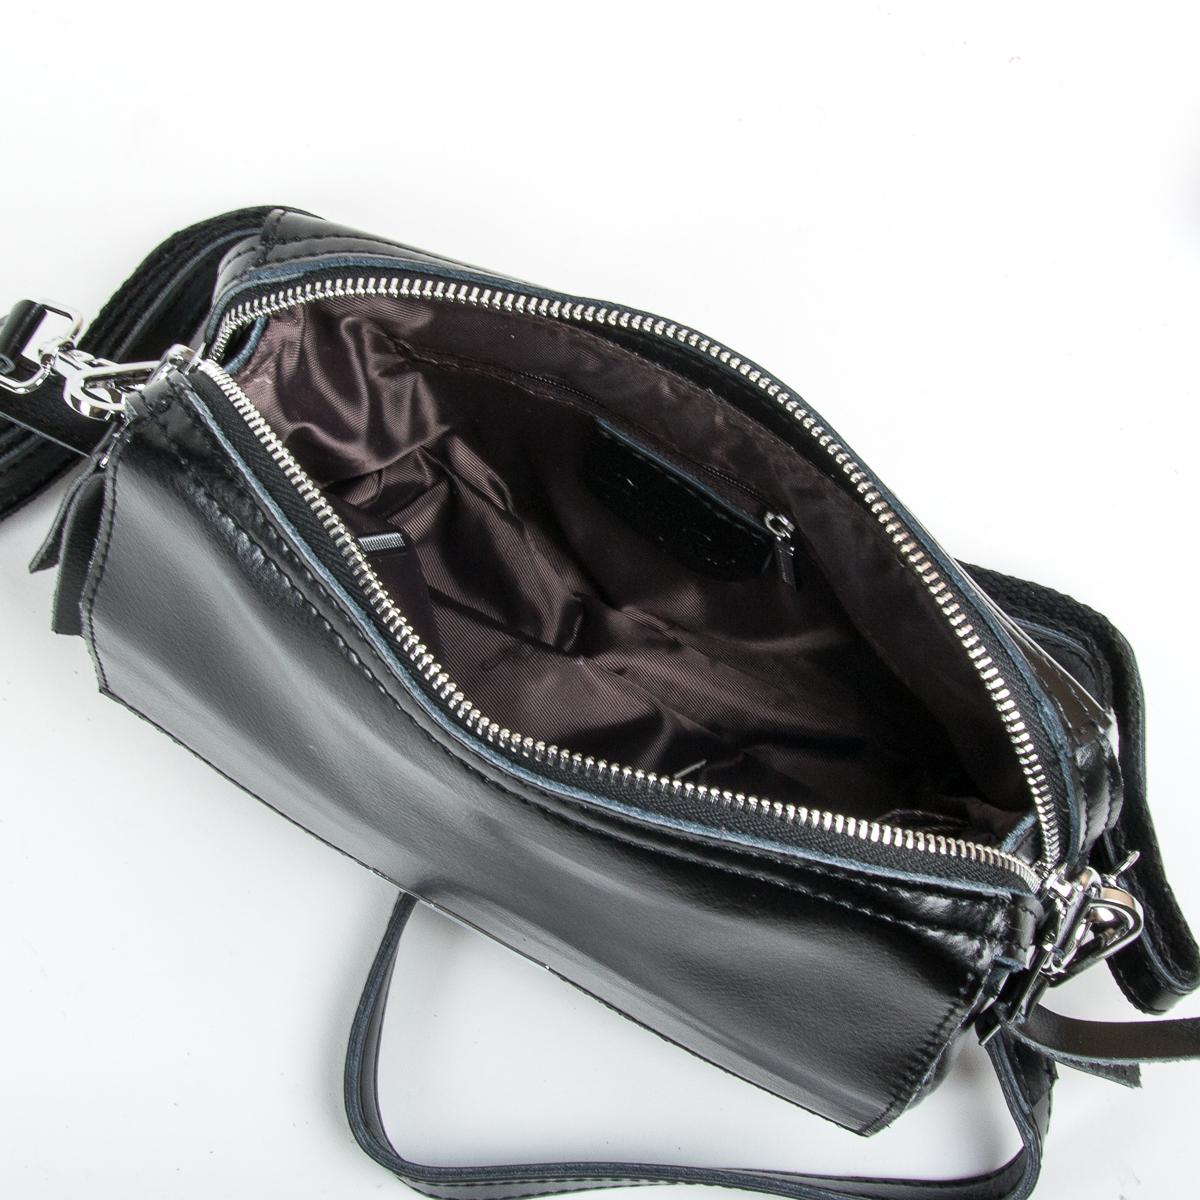 Сумка Женская Клатч кожа ALEX RAI 9-01 2227 black - фото 5